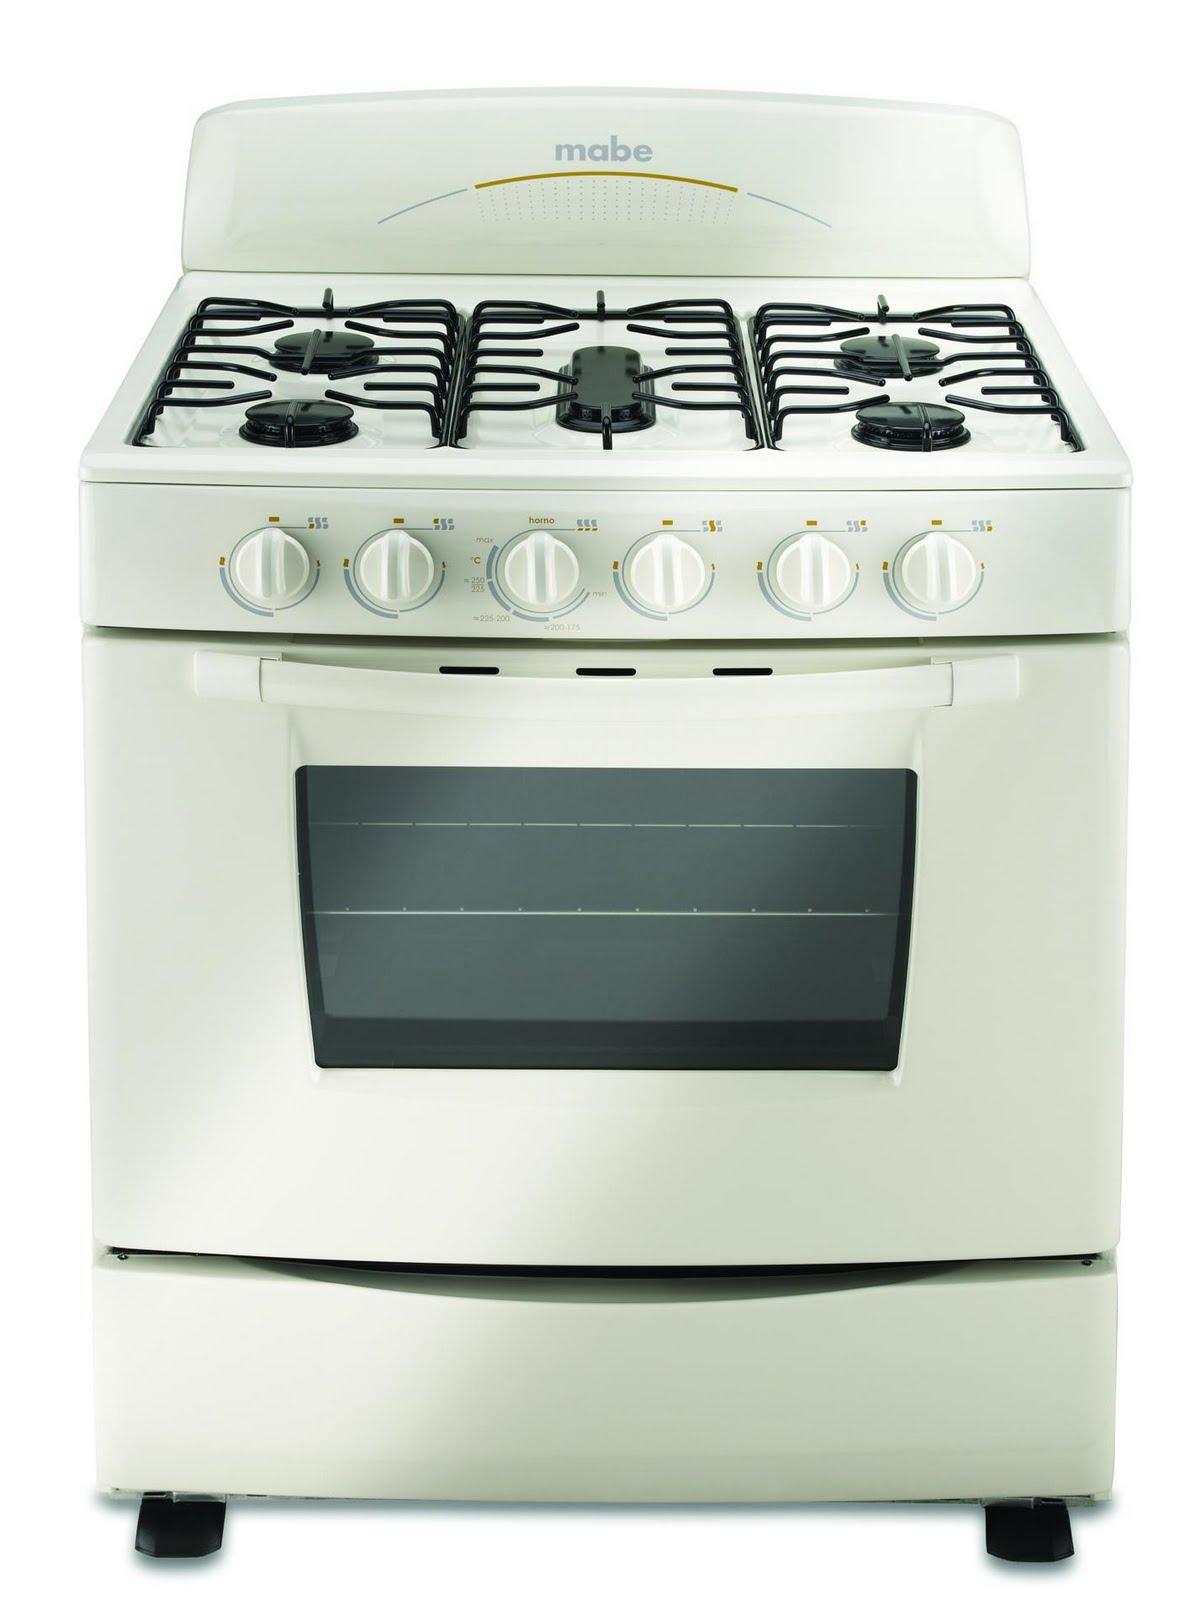 crazy jokes historias chistosas On cuanto cuesta una estufa con horno